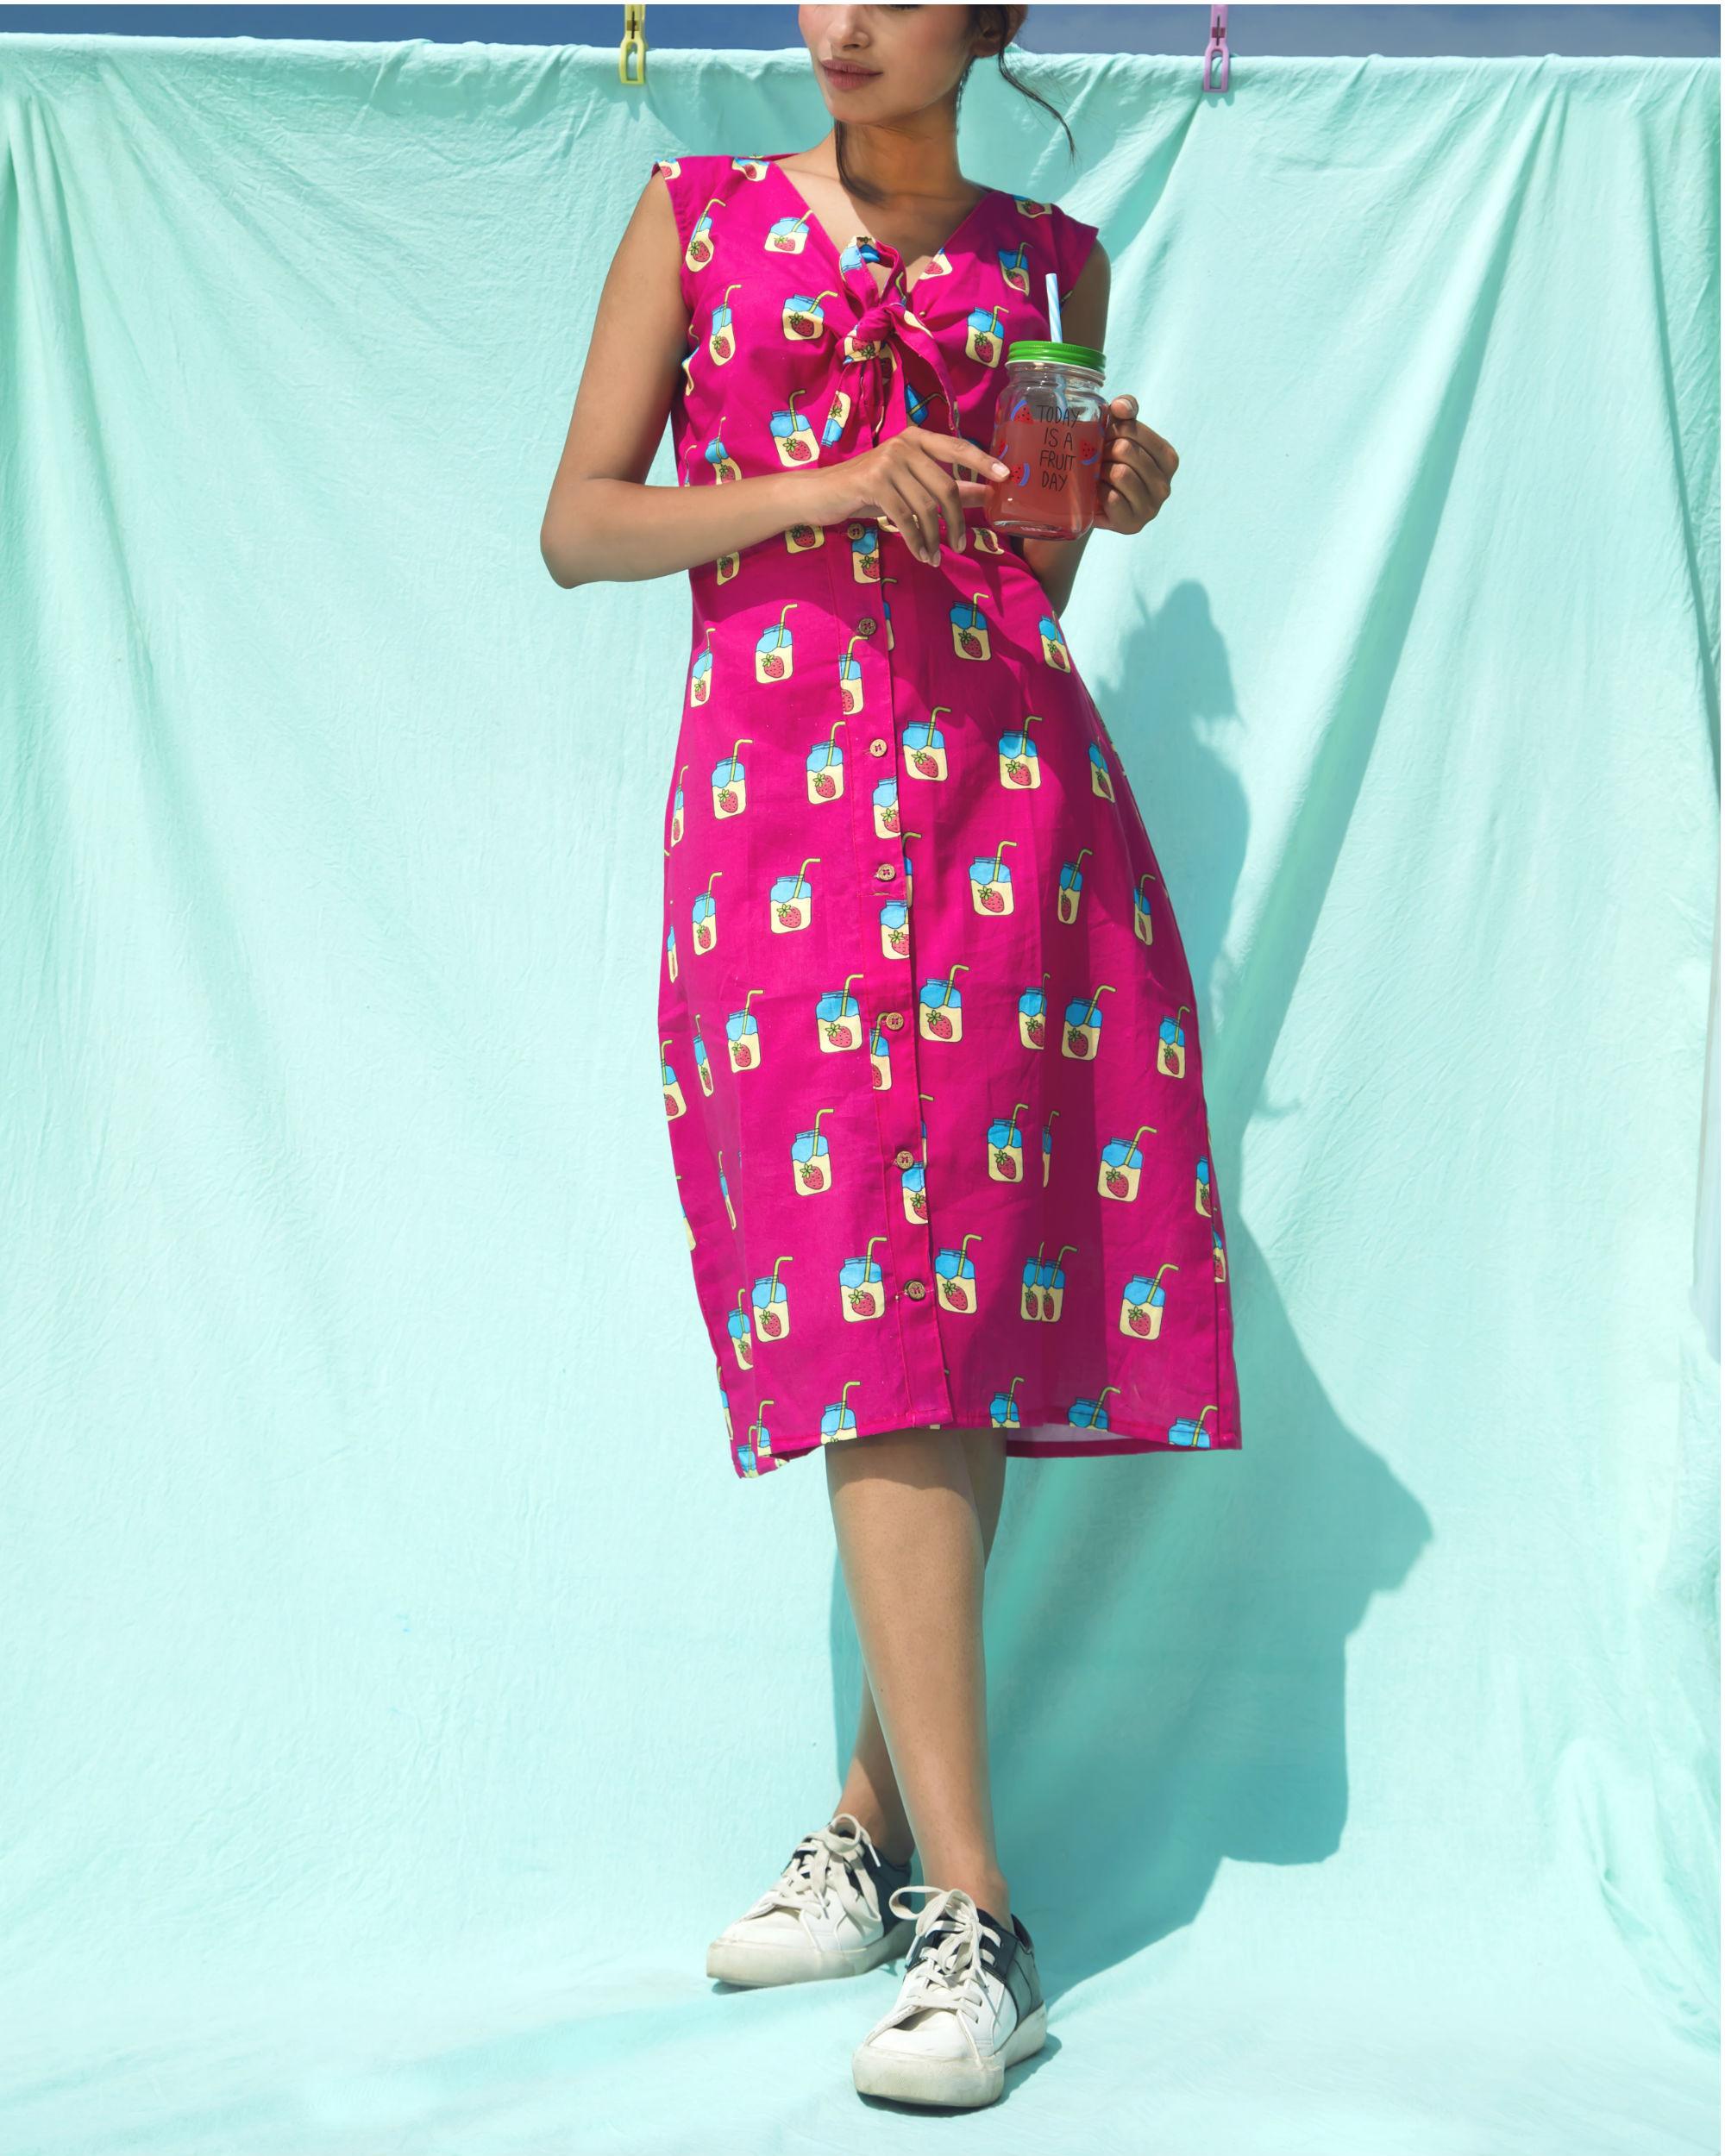 Pink mojito dress